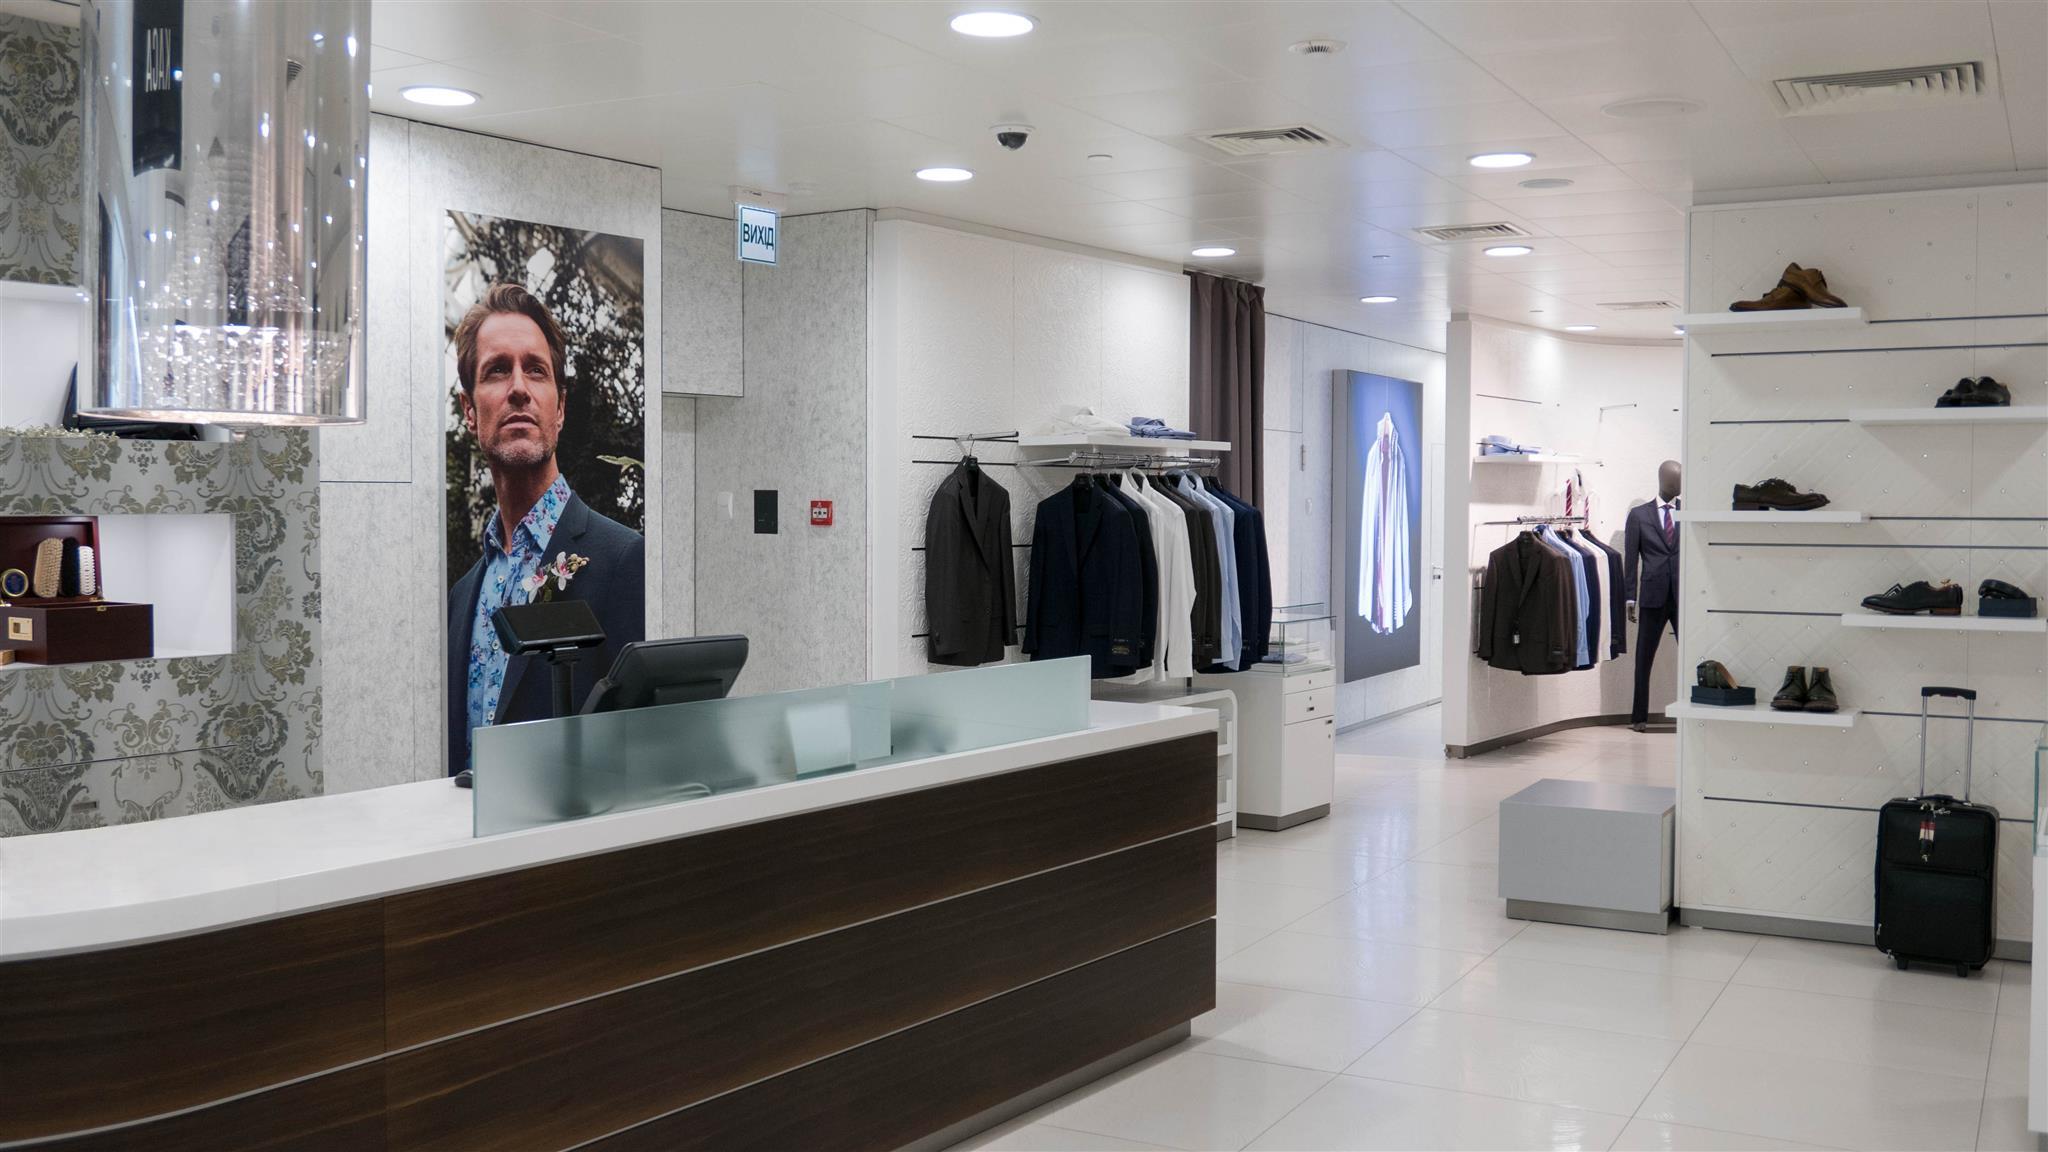 В DN8 Shopping Space действует программа индивидуального пошива